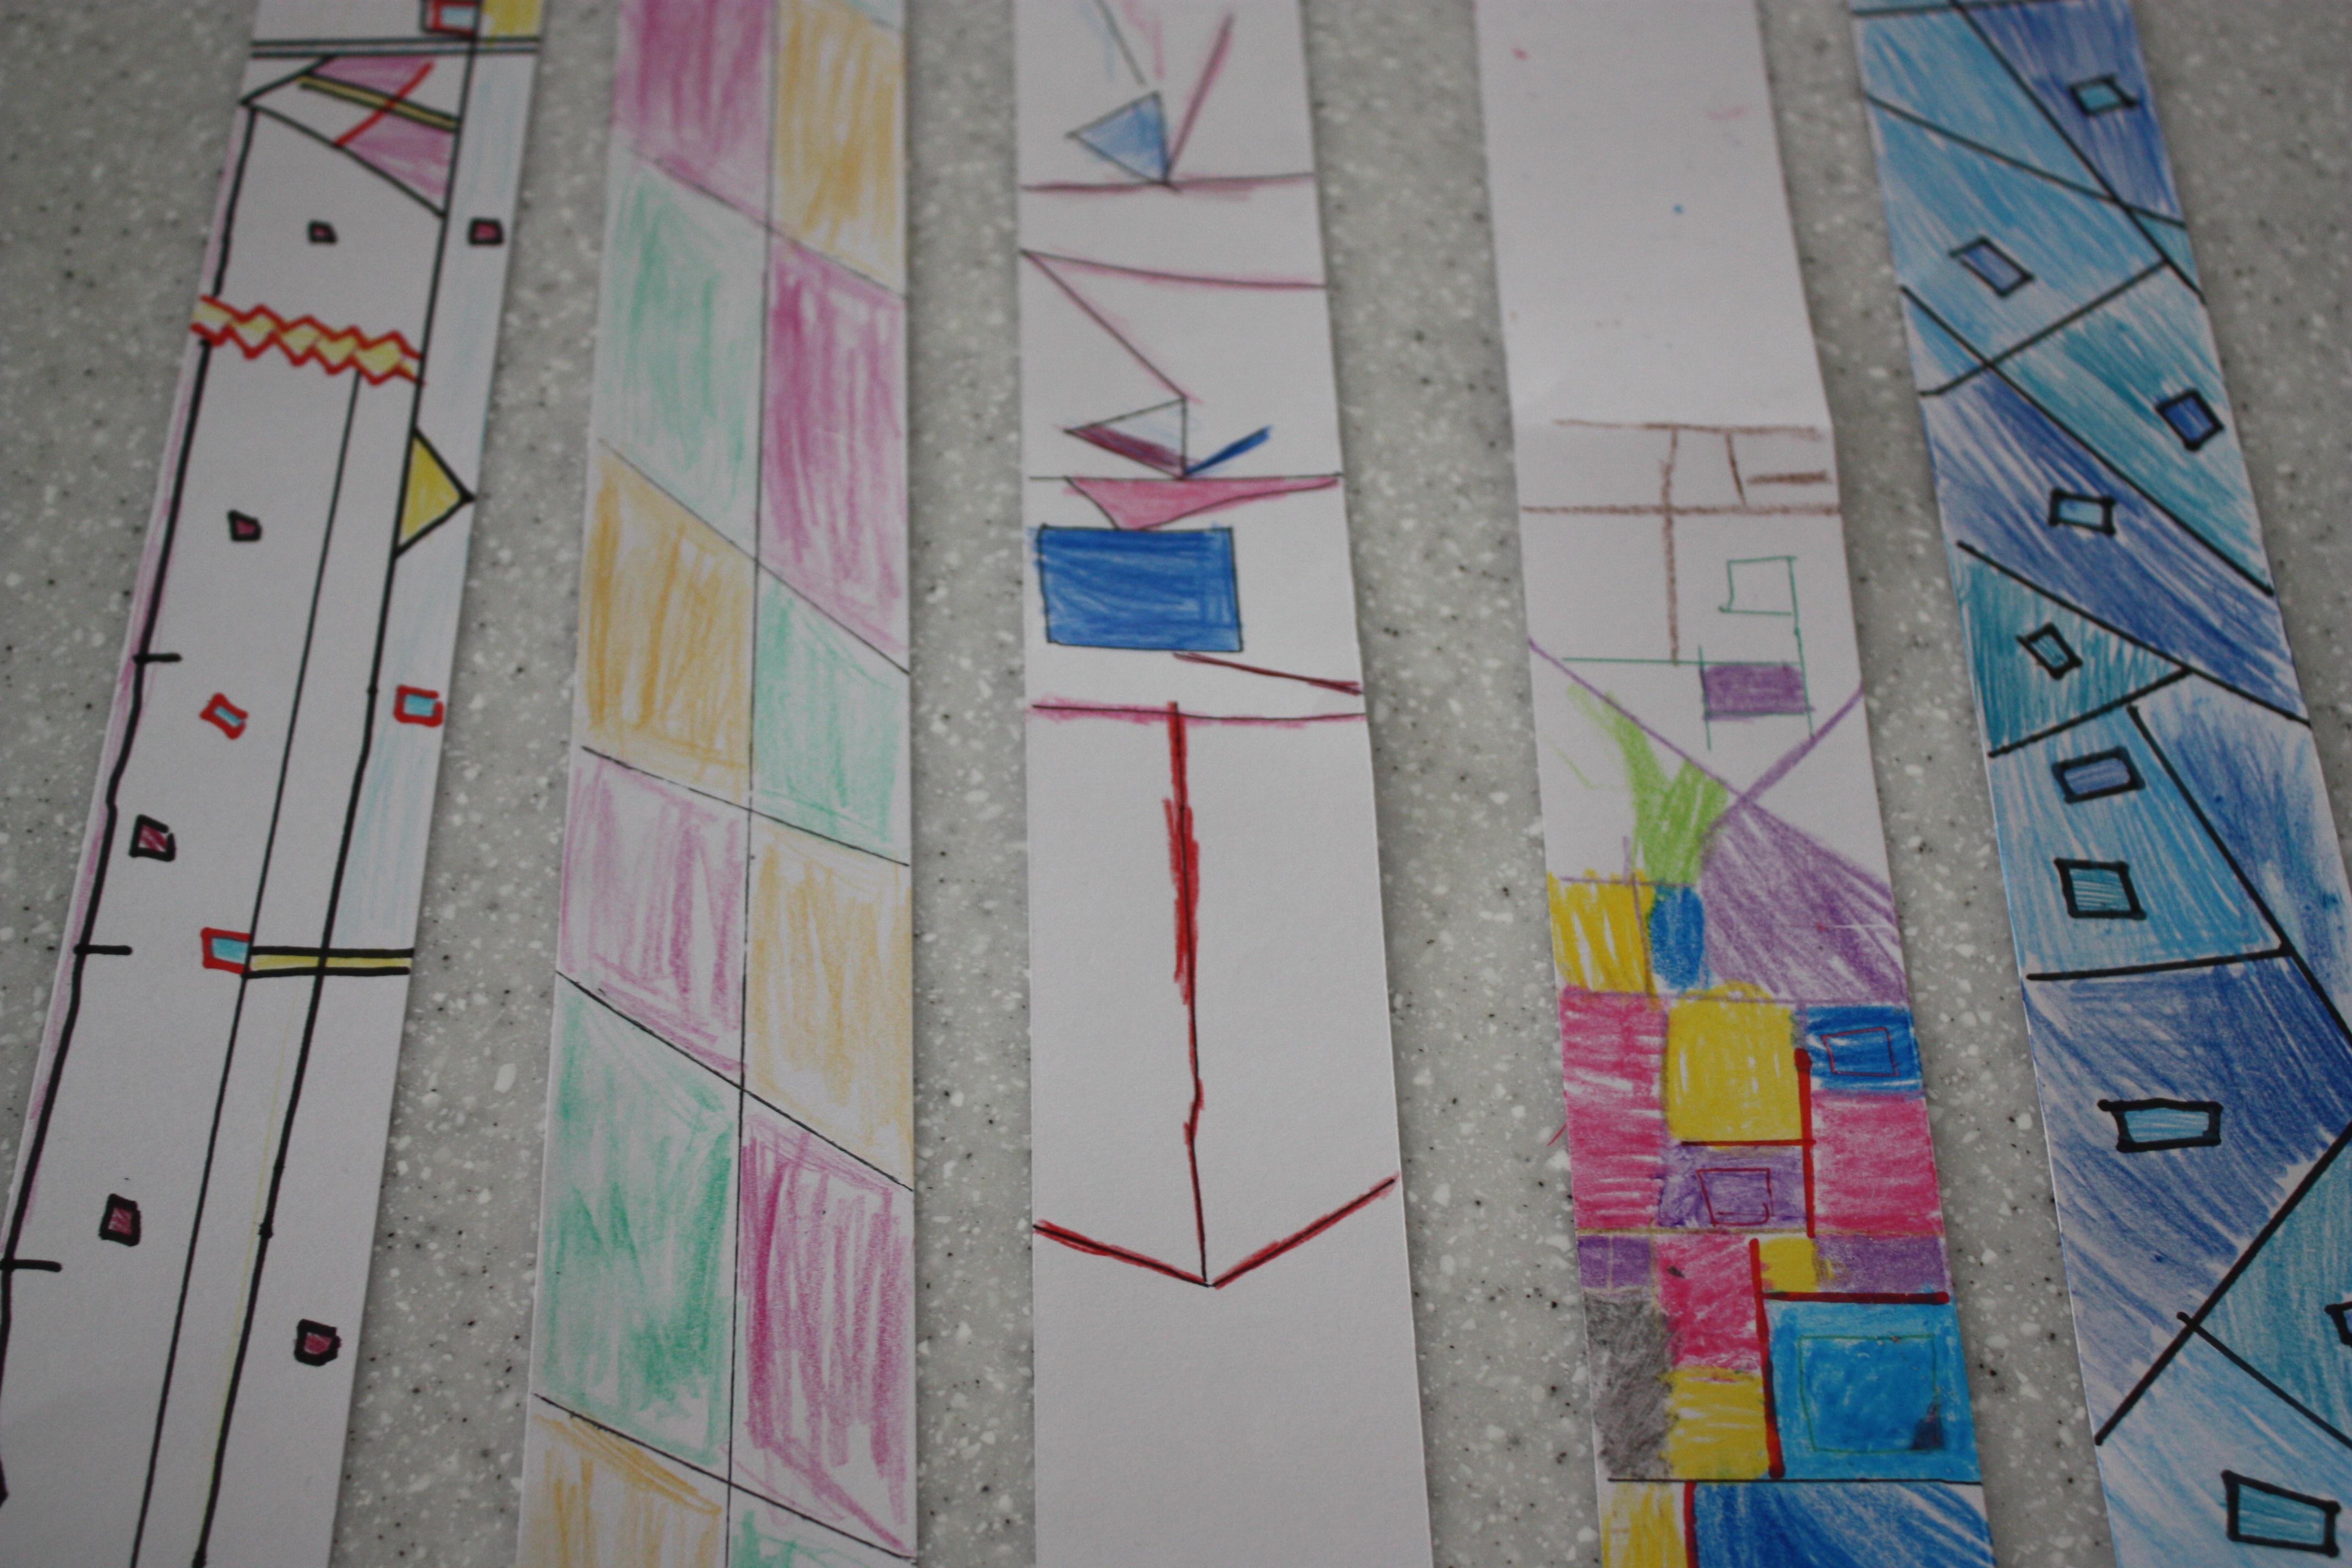 モンドリアンのワークショップにて。プログラミングを使って観察したあとは子どもたちそれぞれがイメージしたものを絵を描き、チョコレートに